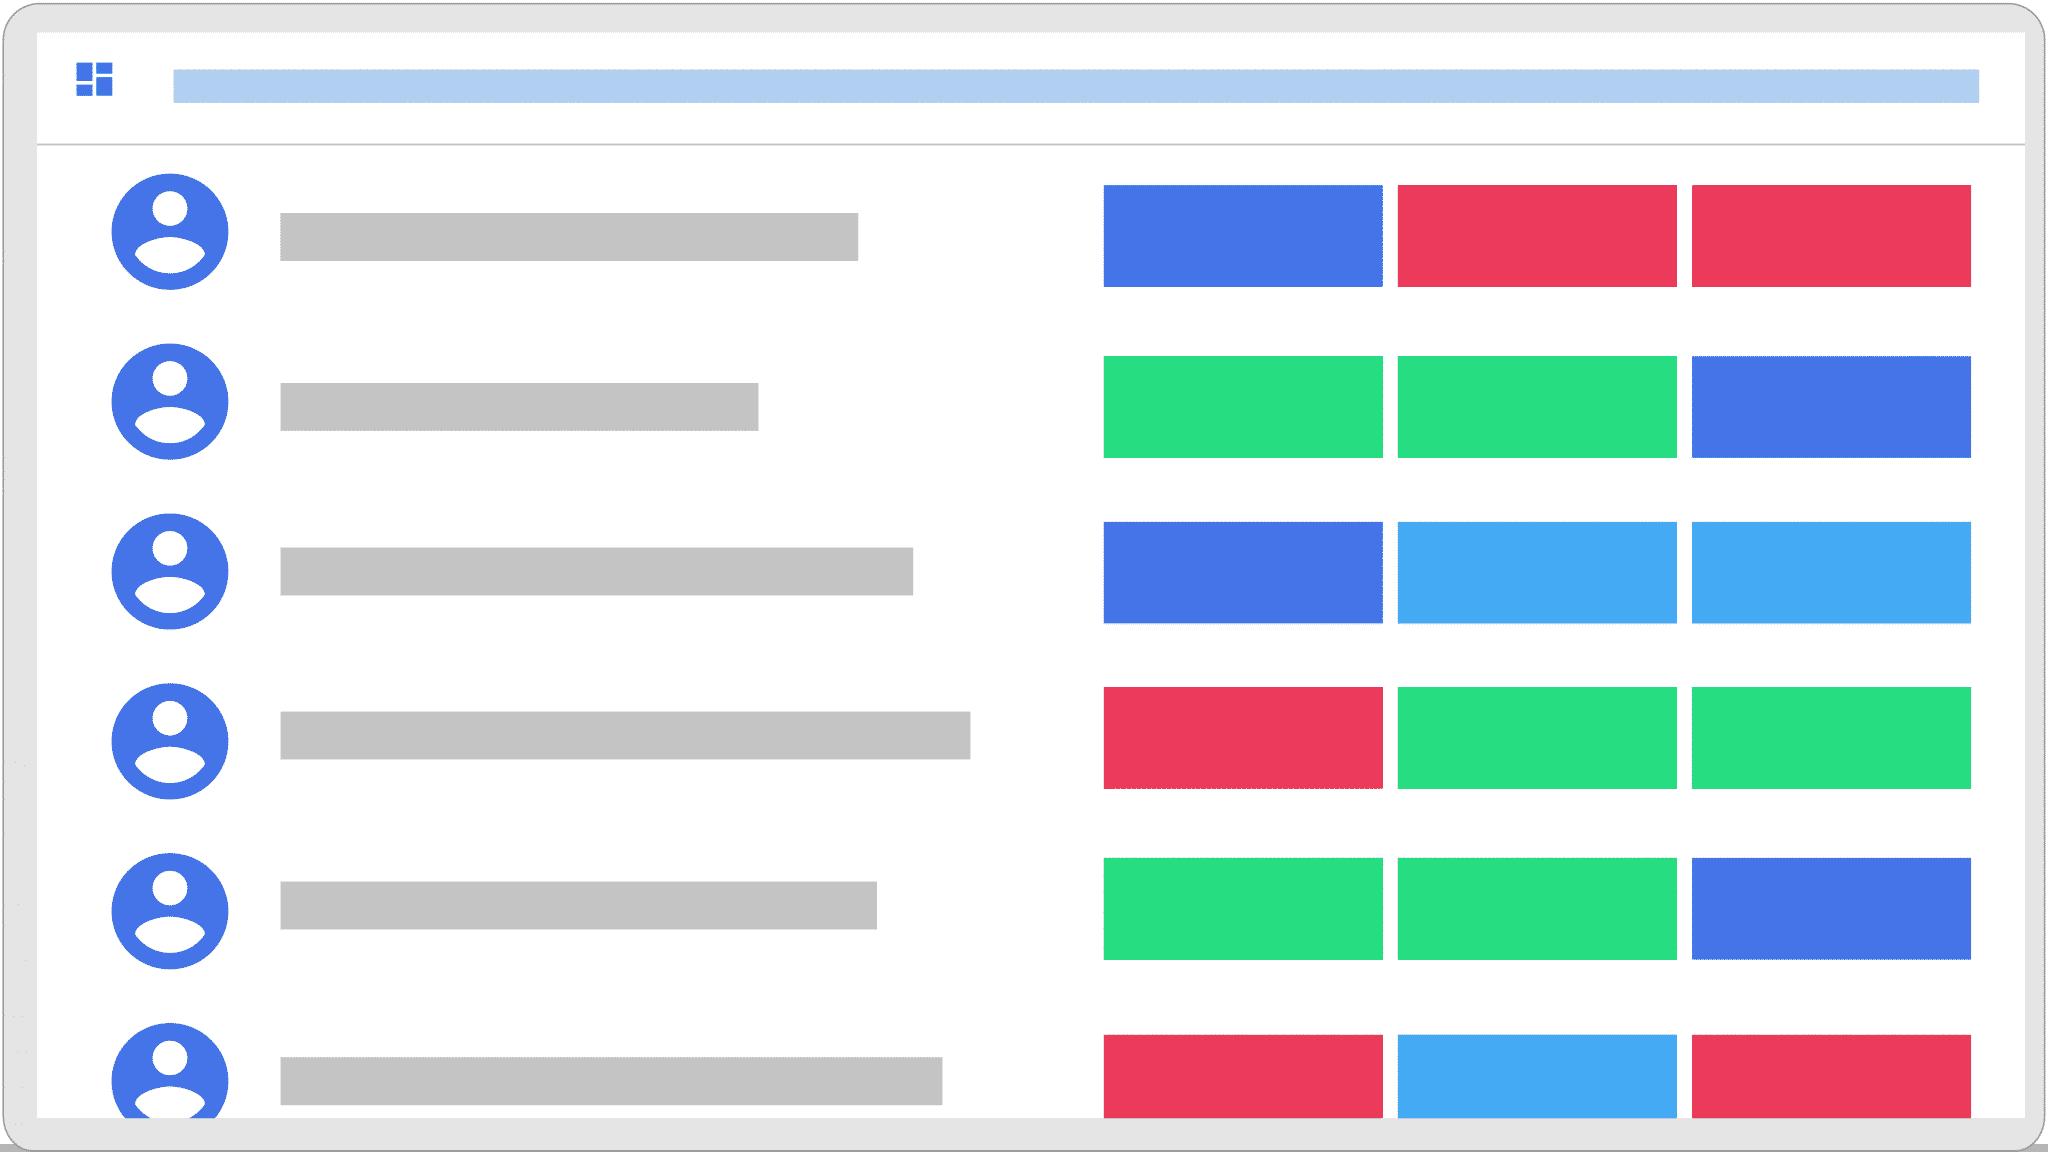 logiciel-de-planification-des-ressources